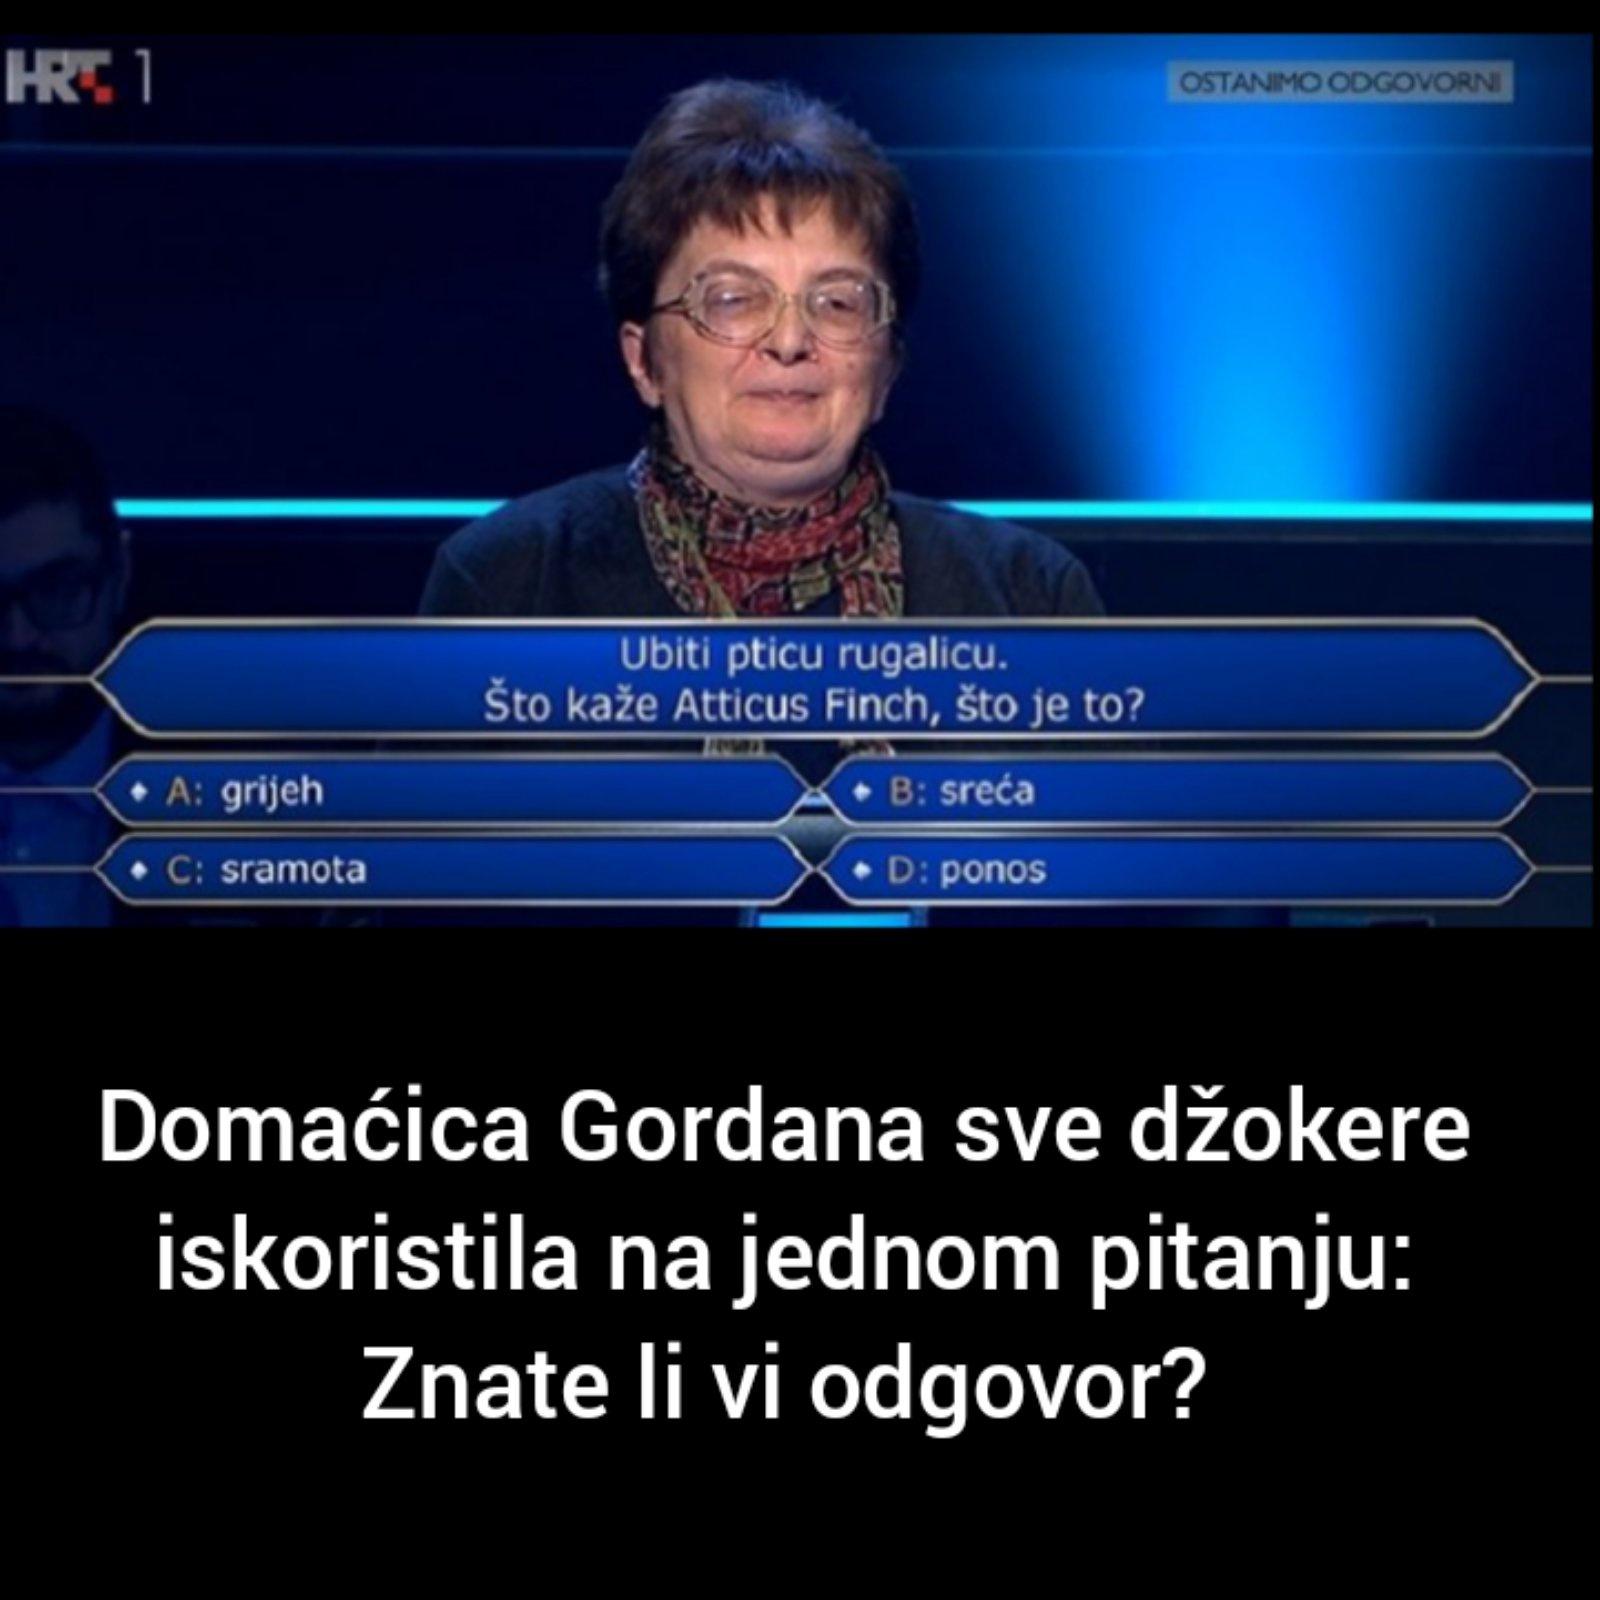 Ona je iskoristila sve džokere, da pronađe tačan odgovor i nije uspjela-da li vi znate odgovor na ovo pitanje?